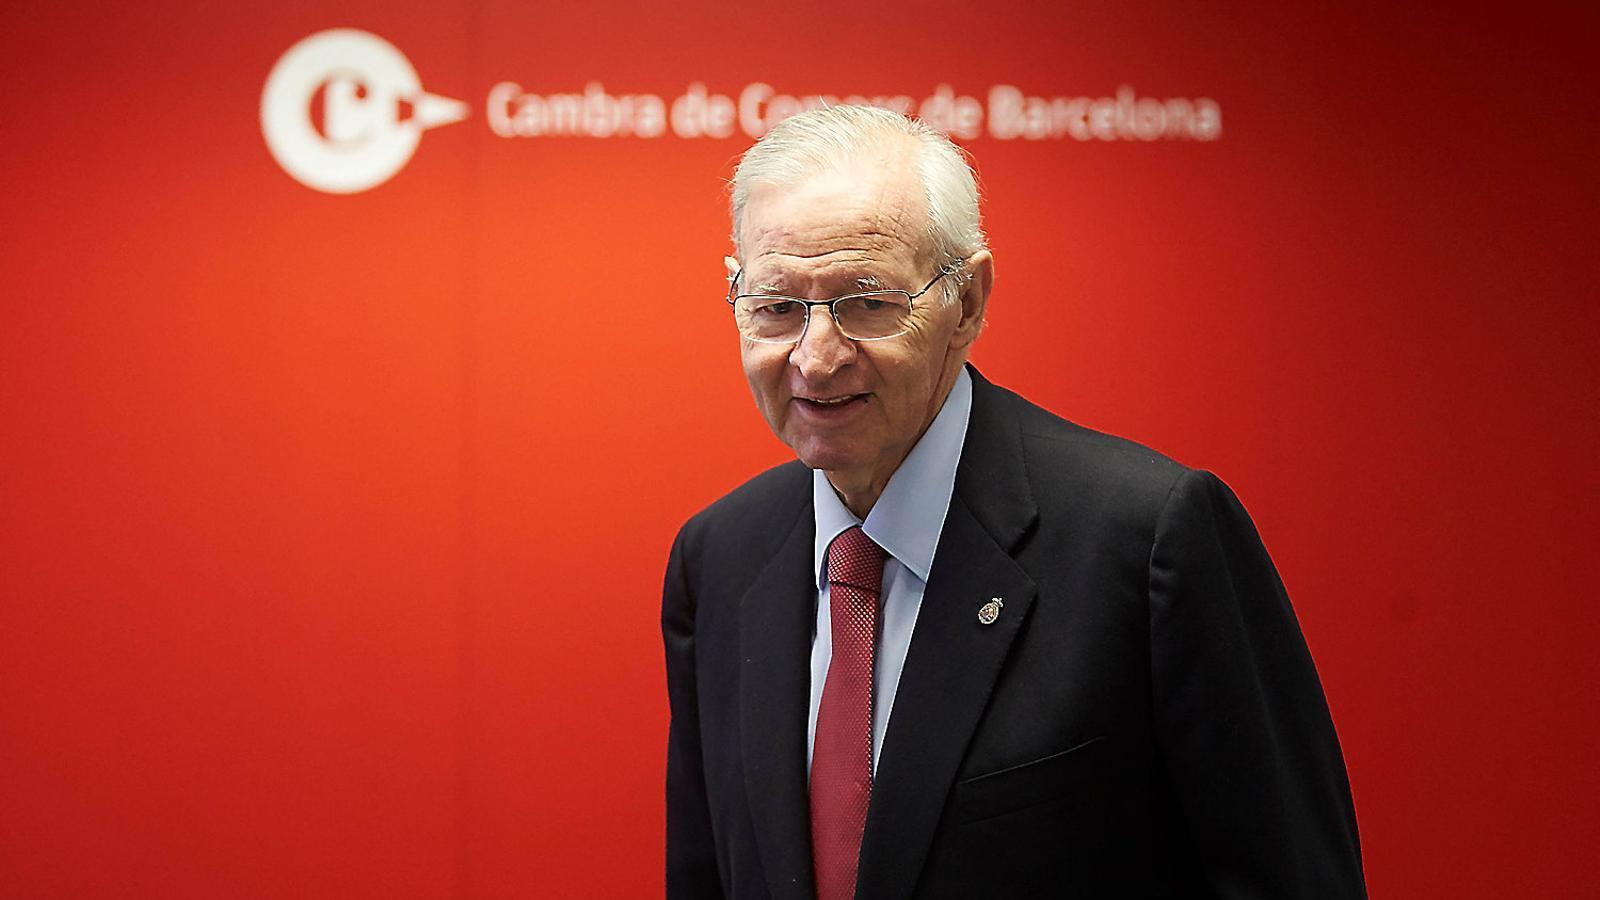 Miquel Valls era president de la Cambra barcelonina quan es va elaborar l'informe sobre la independència que no es va publicar / ALEJANDRO GARCÍA / EFE